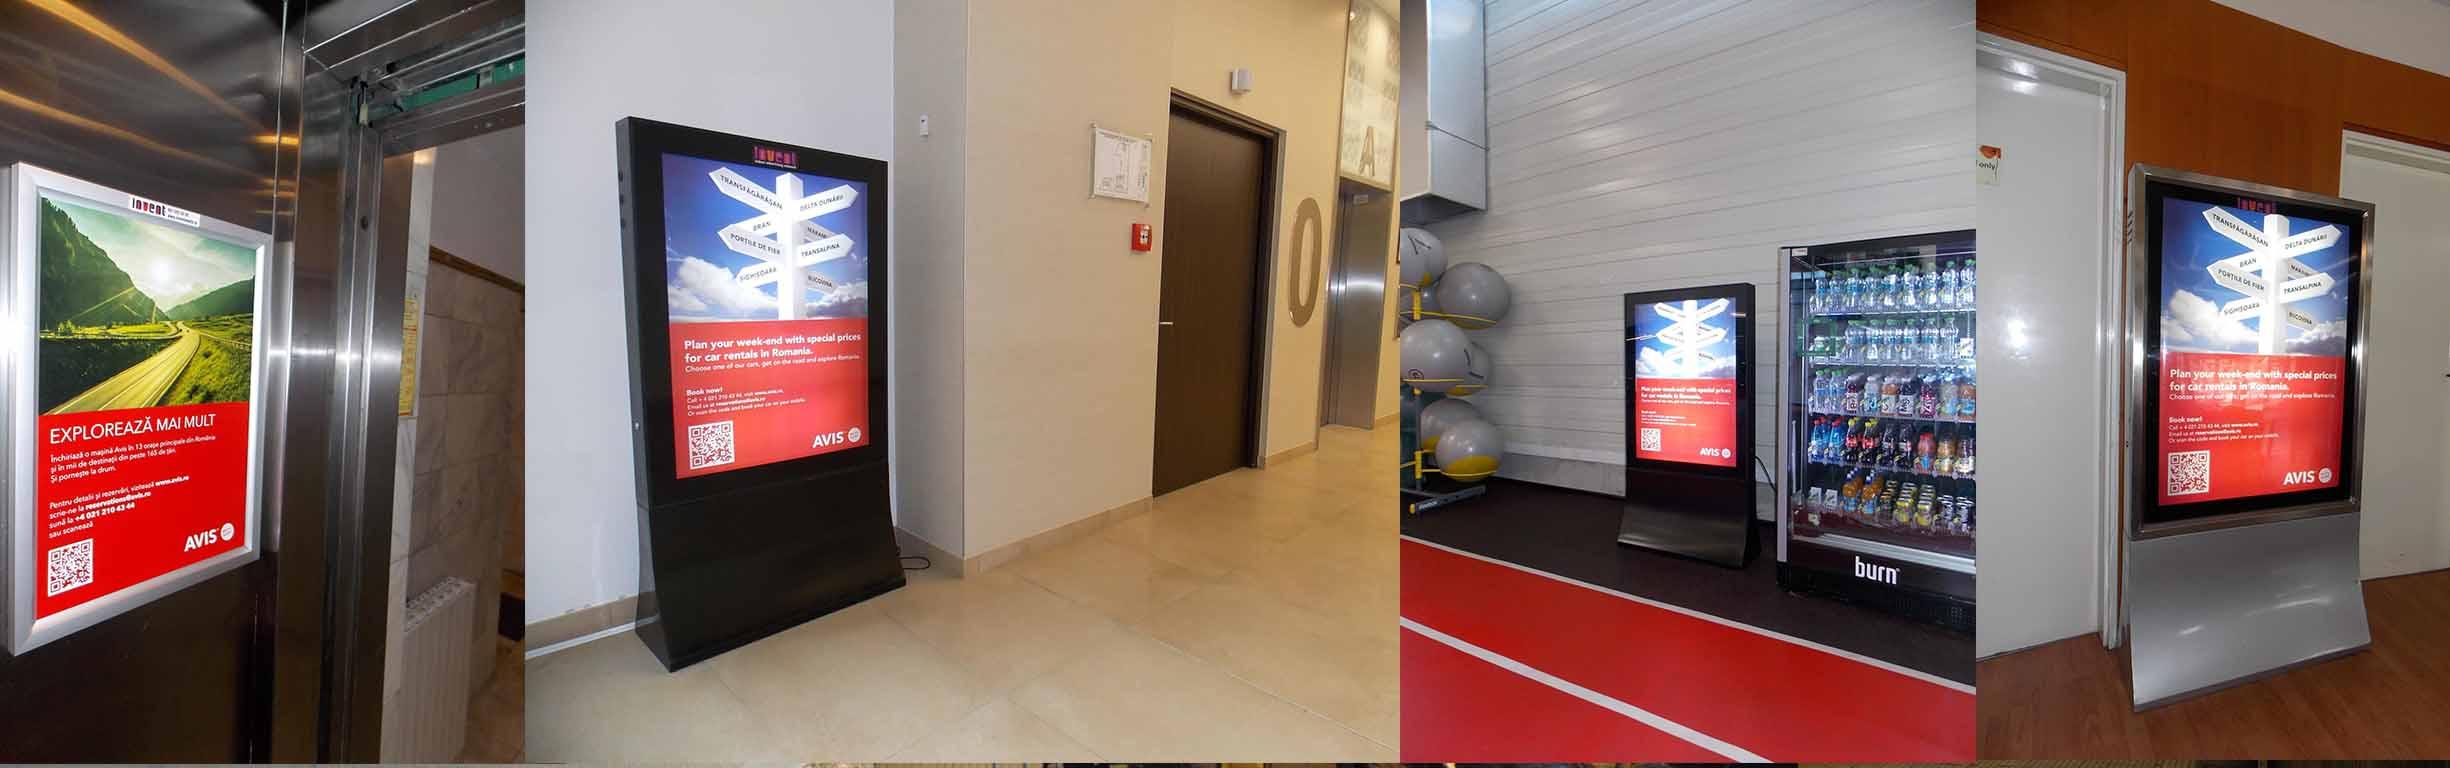 publicitatate indoor, productie publicitara